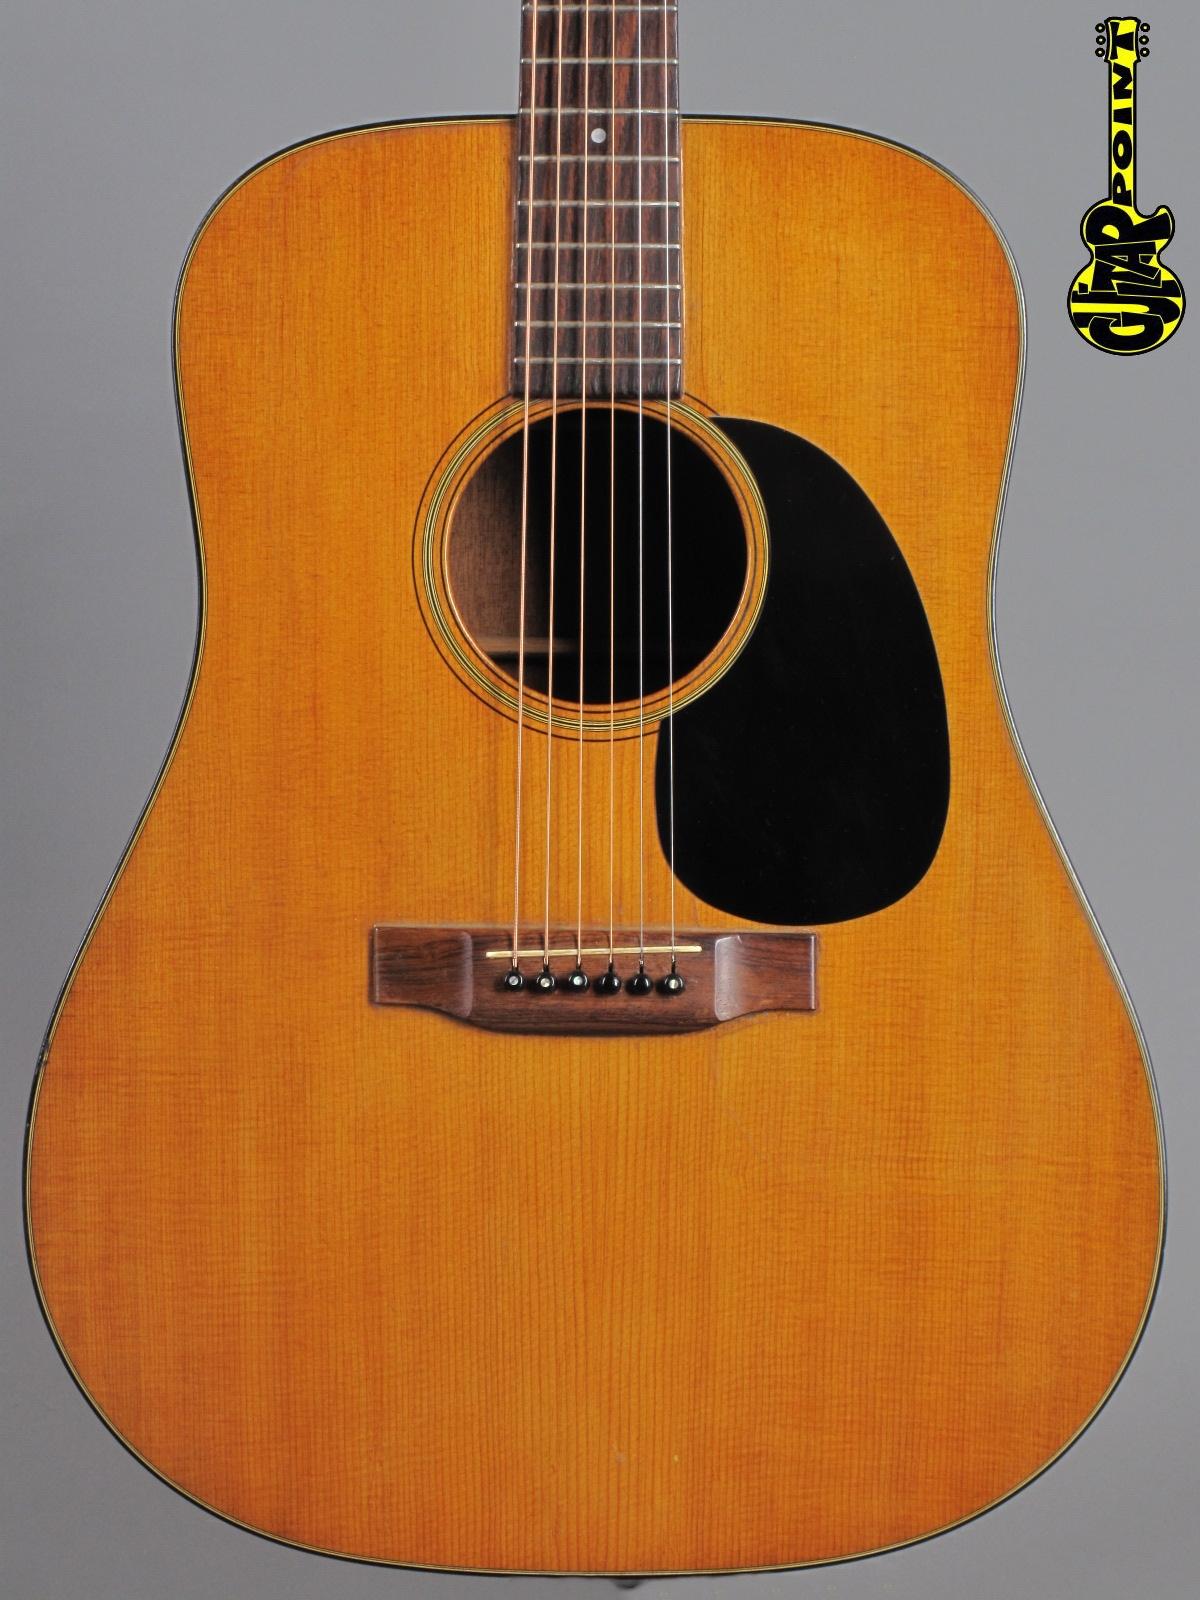 1971 Martin D-18 - Natural